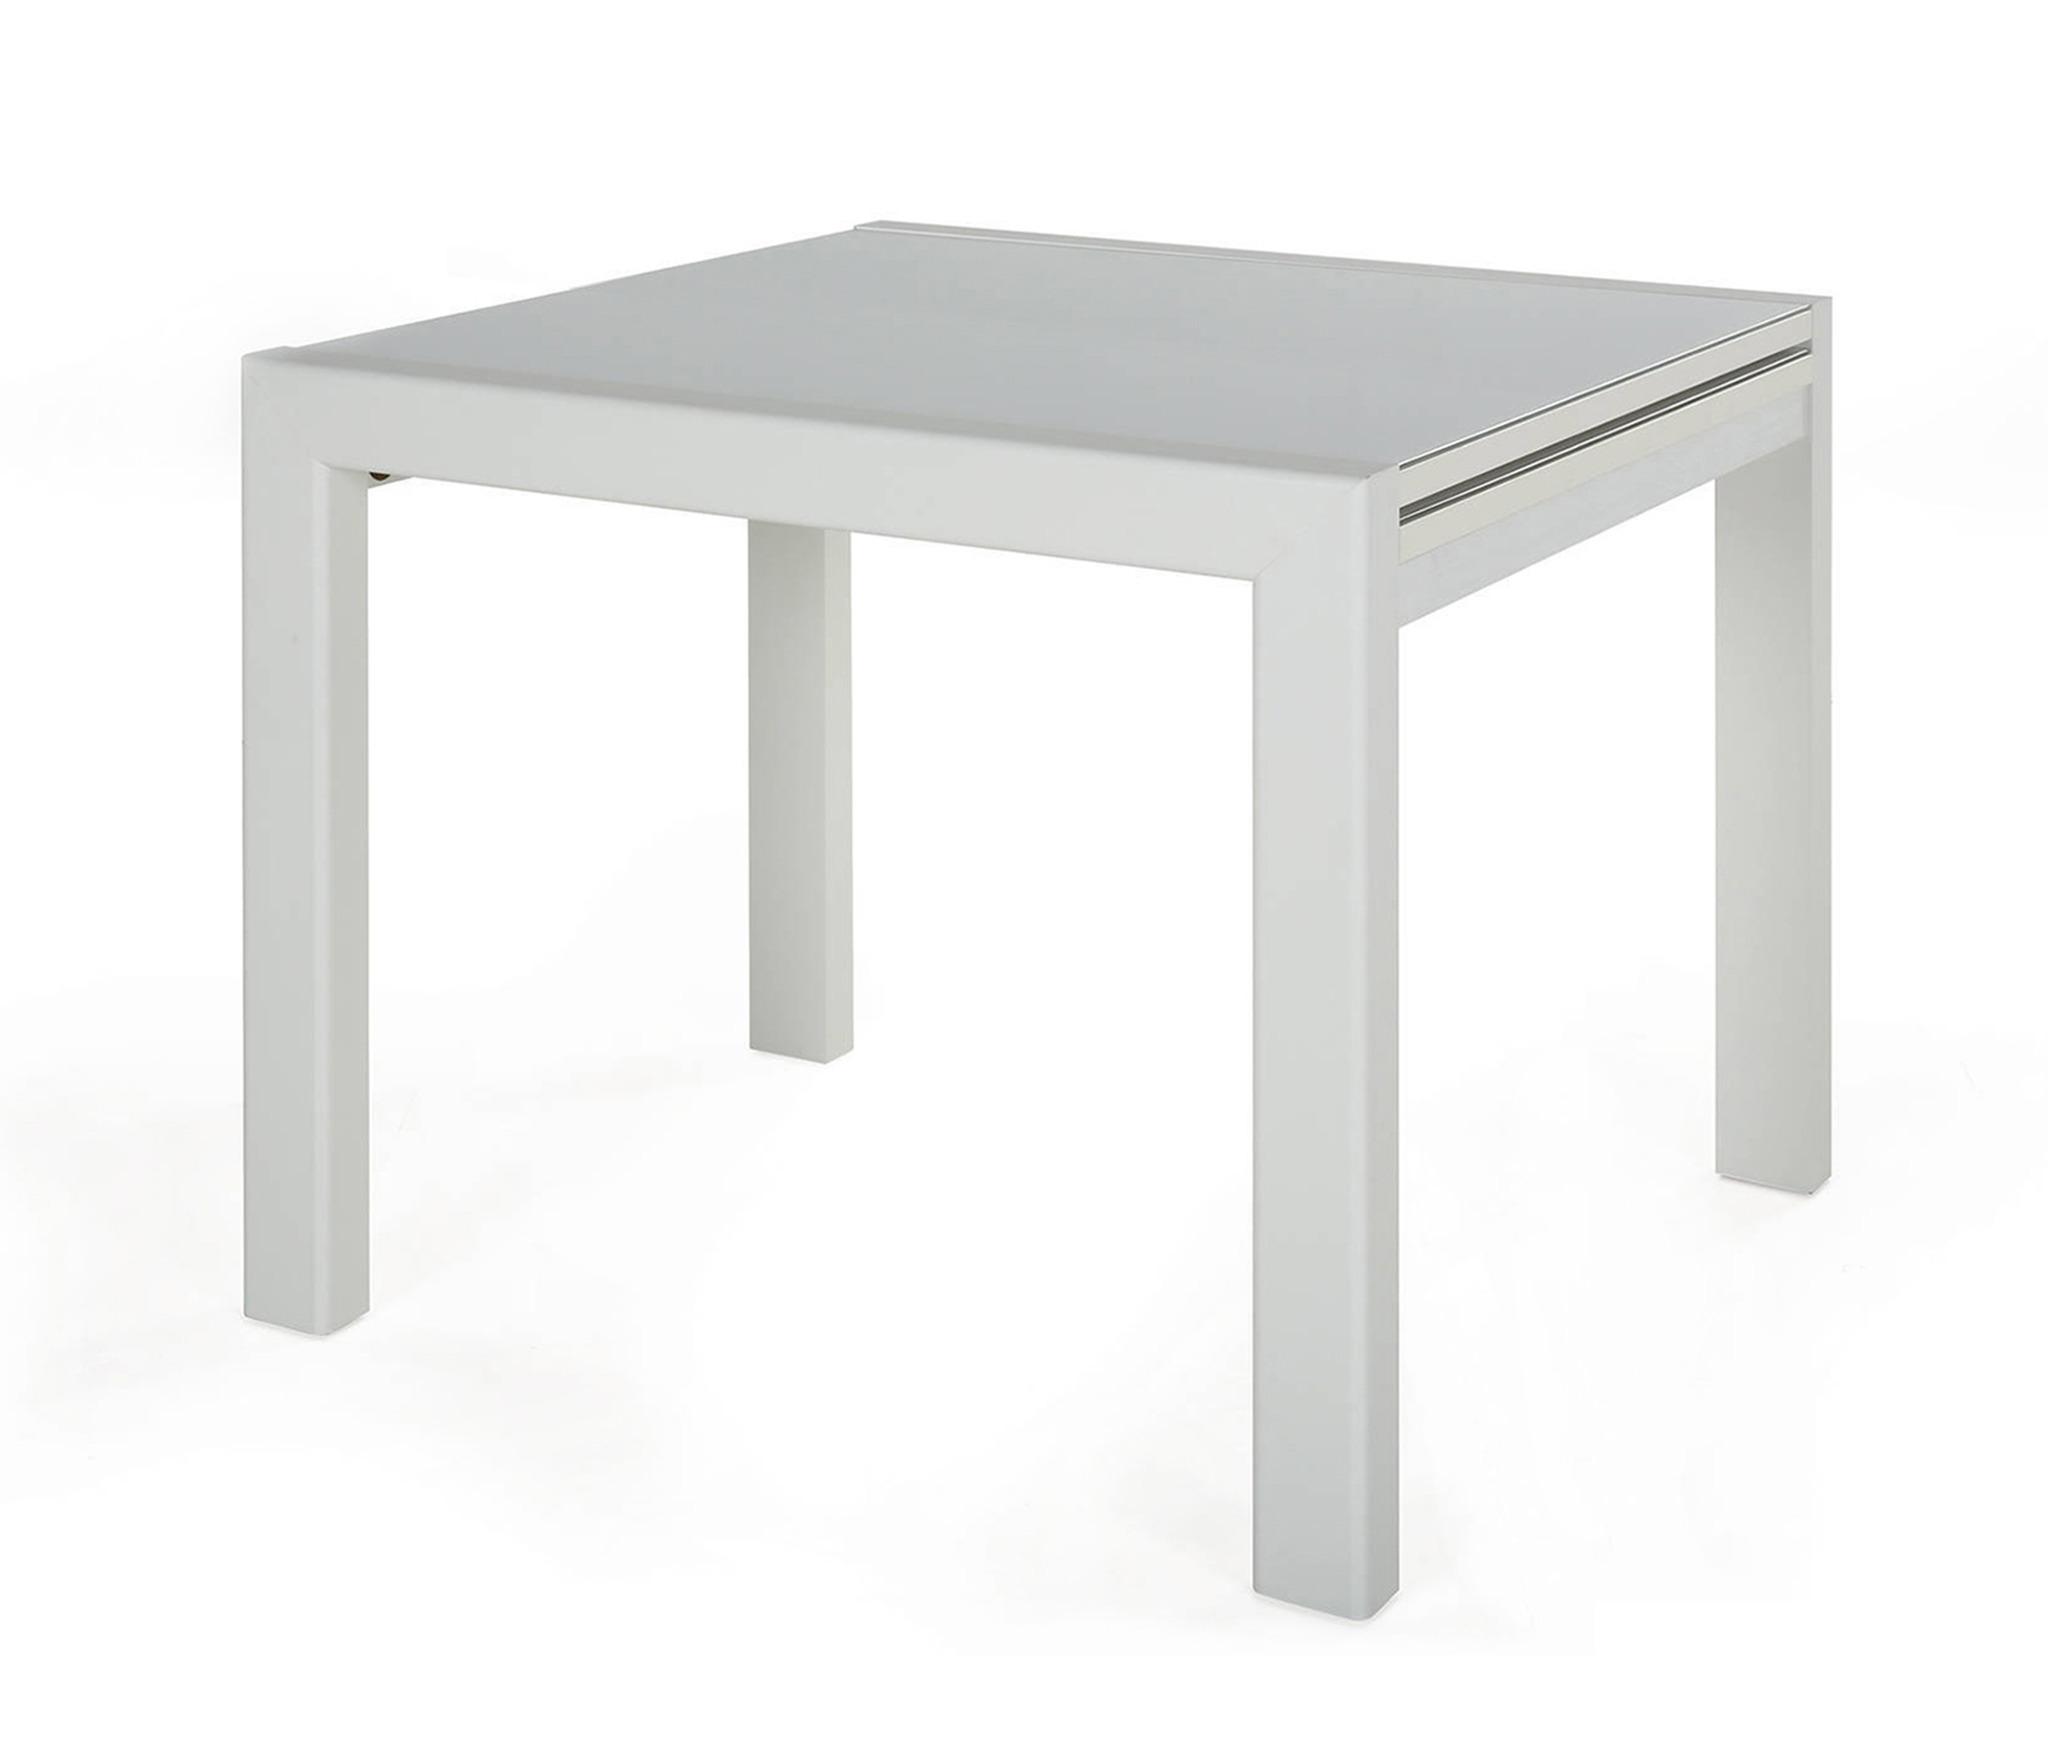 Стол Джокер-Премиум 800*800(1600)*750 (Белый/стекло белое)Обеденные группы<br>Размер в разложенном виде (ШхВхГ): 800 x 750 x 1600 мм&#13;Материал корпуса: МДФ&#13;Столешница выполнена из стекла (4мм) optiwhite (оптивайт) на подложке из ЛДСП (25мм)&#13;]]&gt;<br><br>Длина мм: 800<br>Высота мм: 750<br>Глубина мм: 800